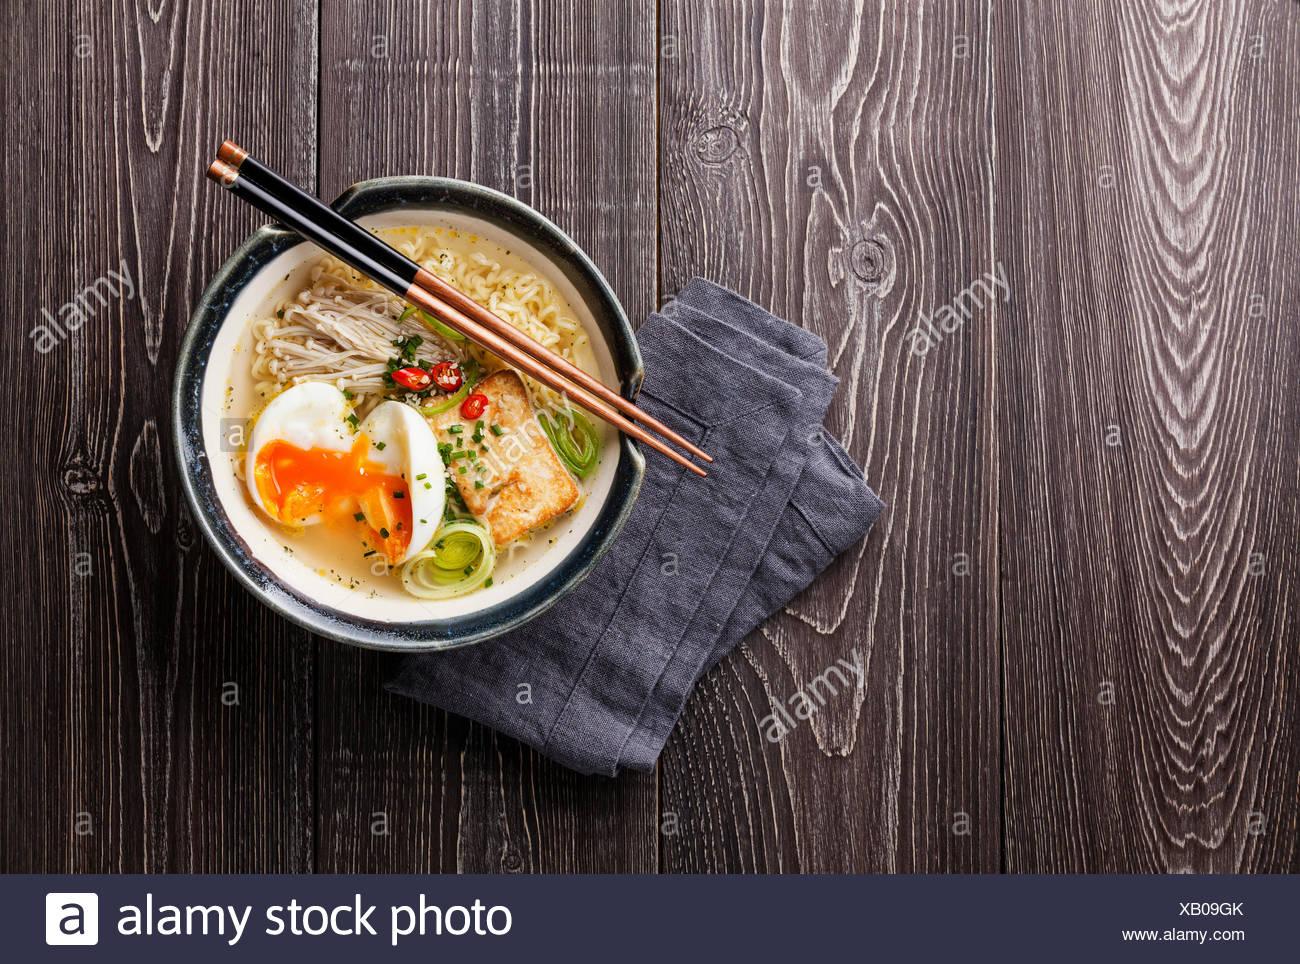 Fideos asiáticos con huevo, tofu y enoki en tazón en gris de fondo de madera Imagen De Stock